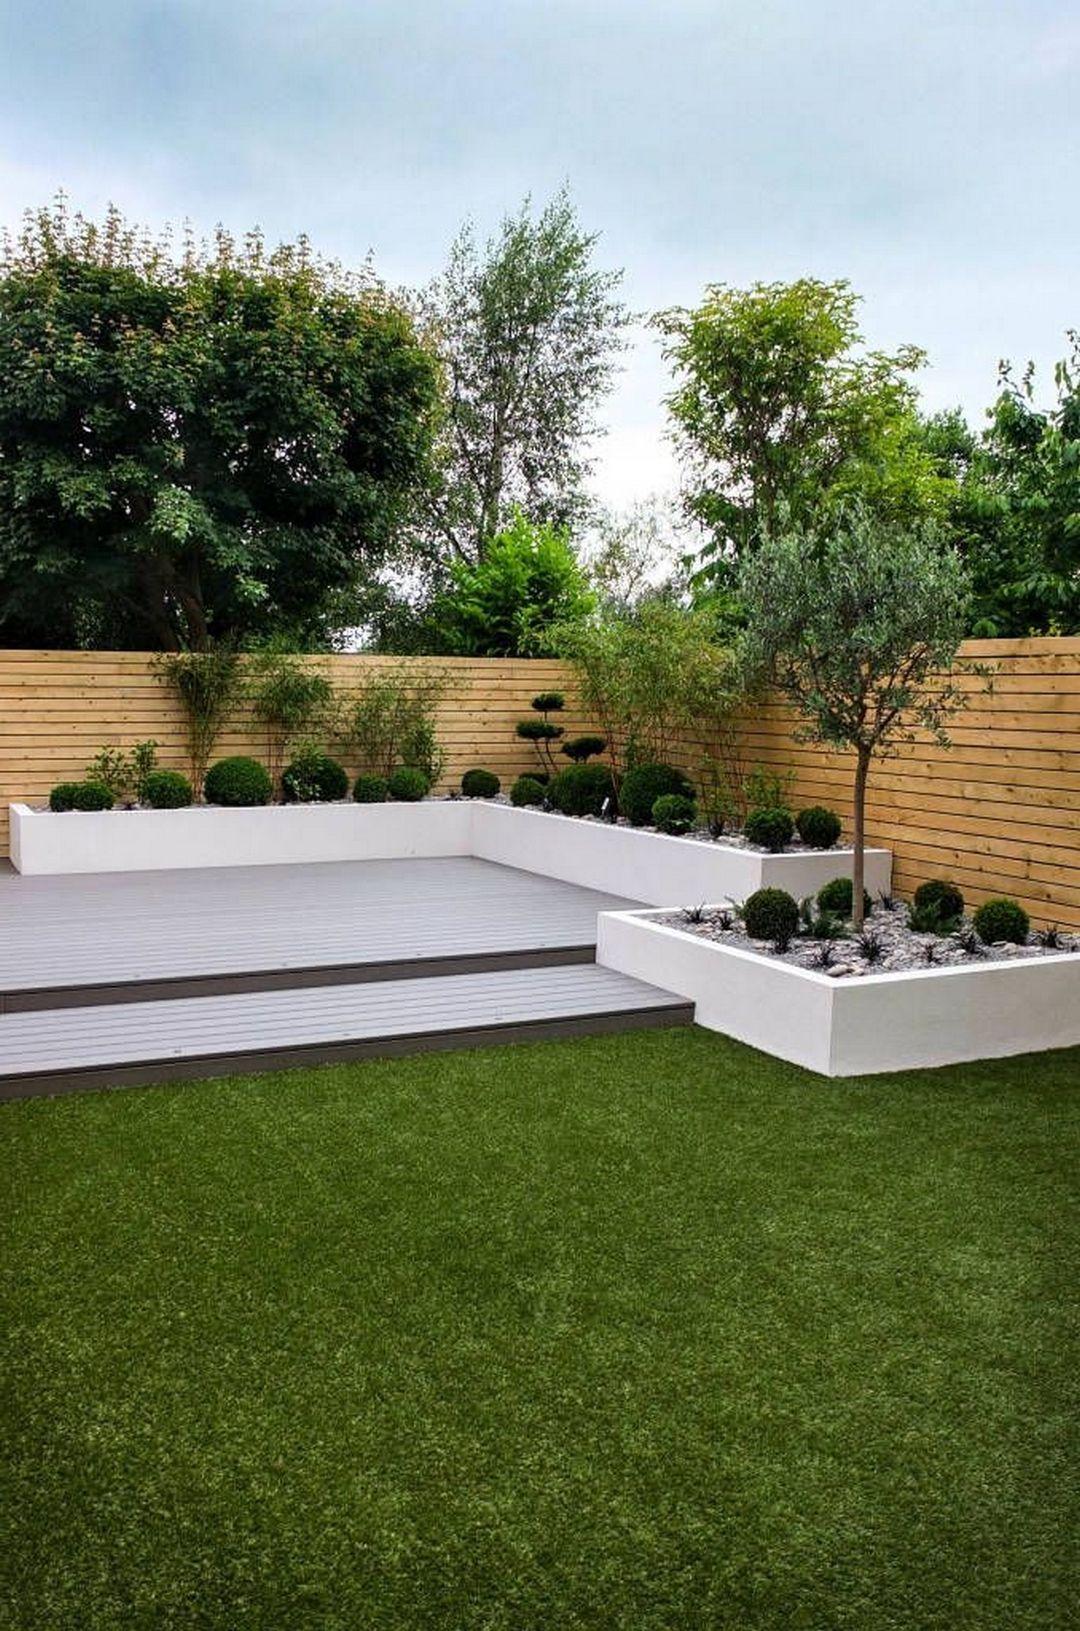 Amazing Low Maintenance Backyard Ideas